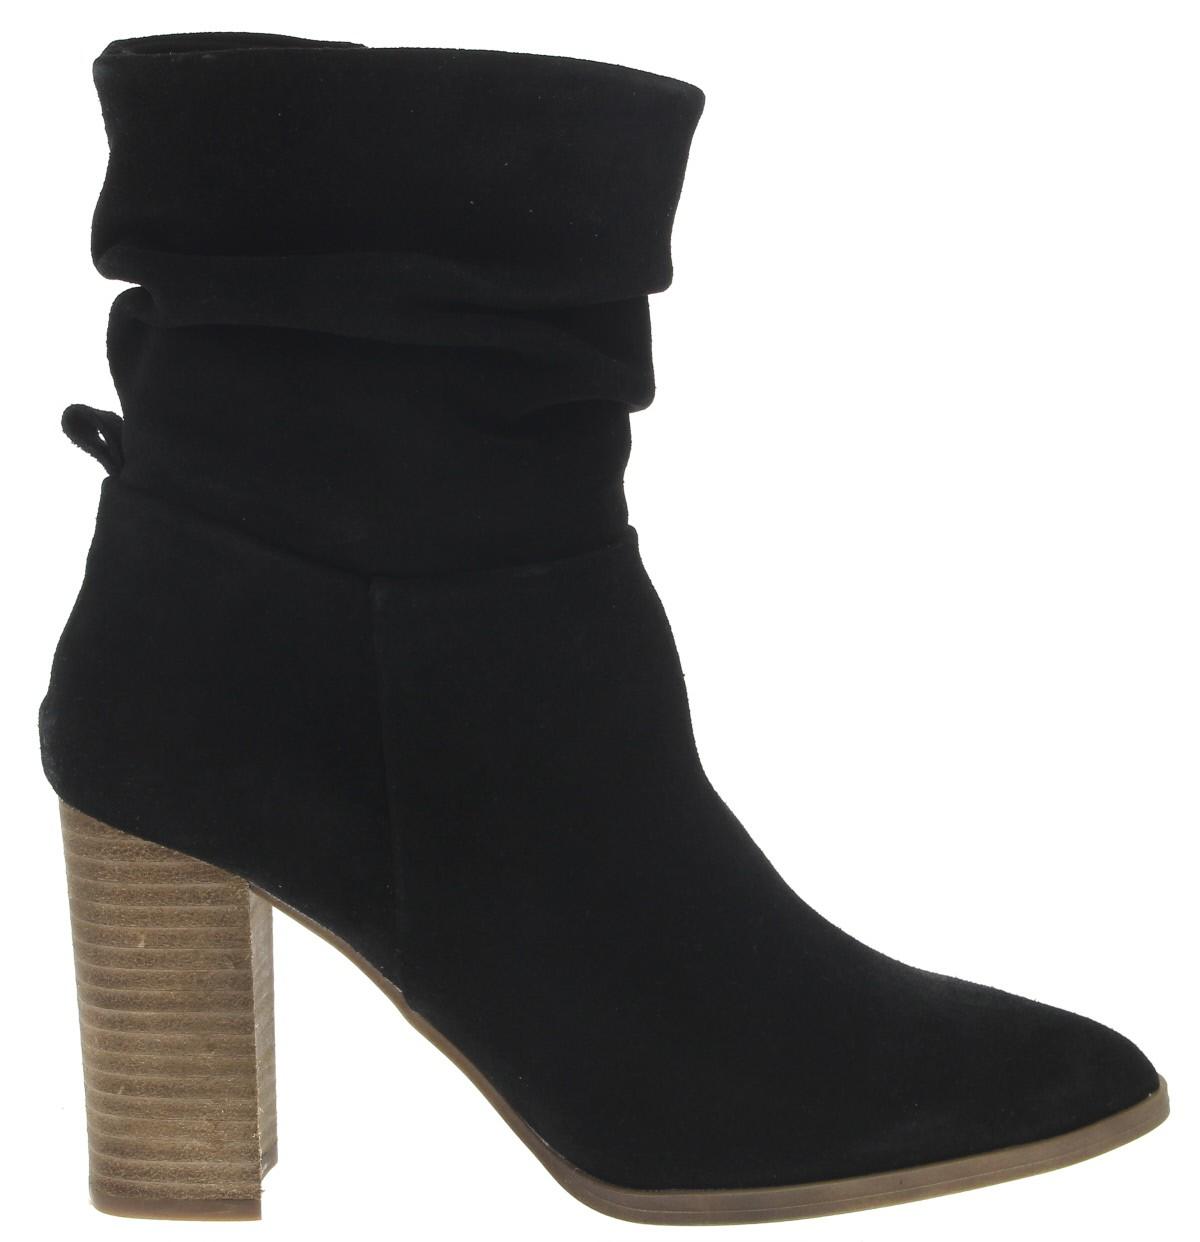 Zwarte dameslaars - Shoecolate - 8.10.18.030 - black